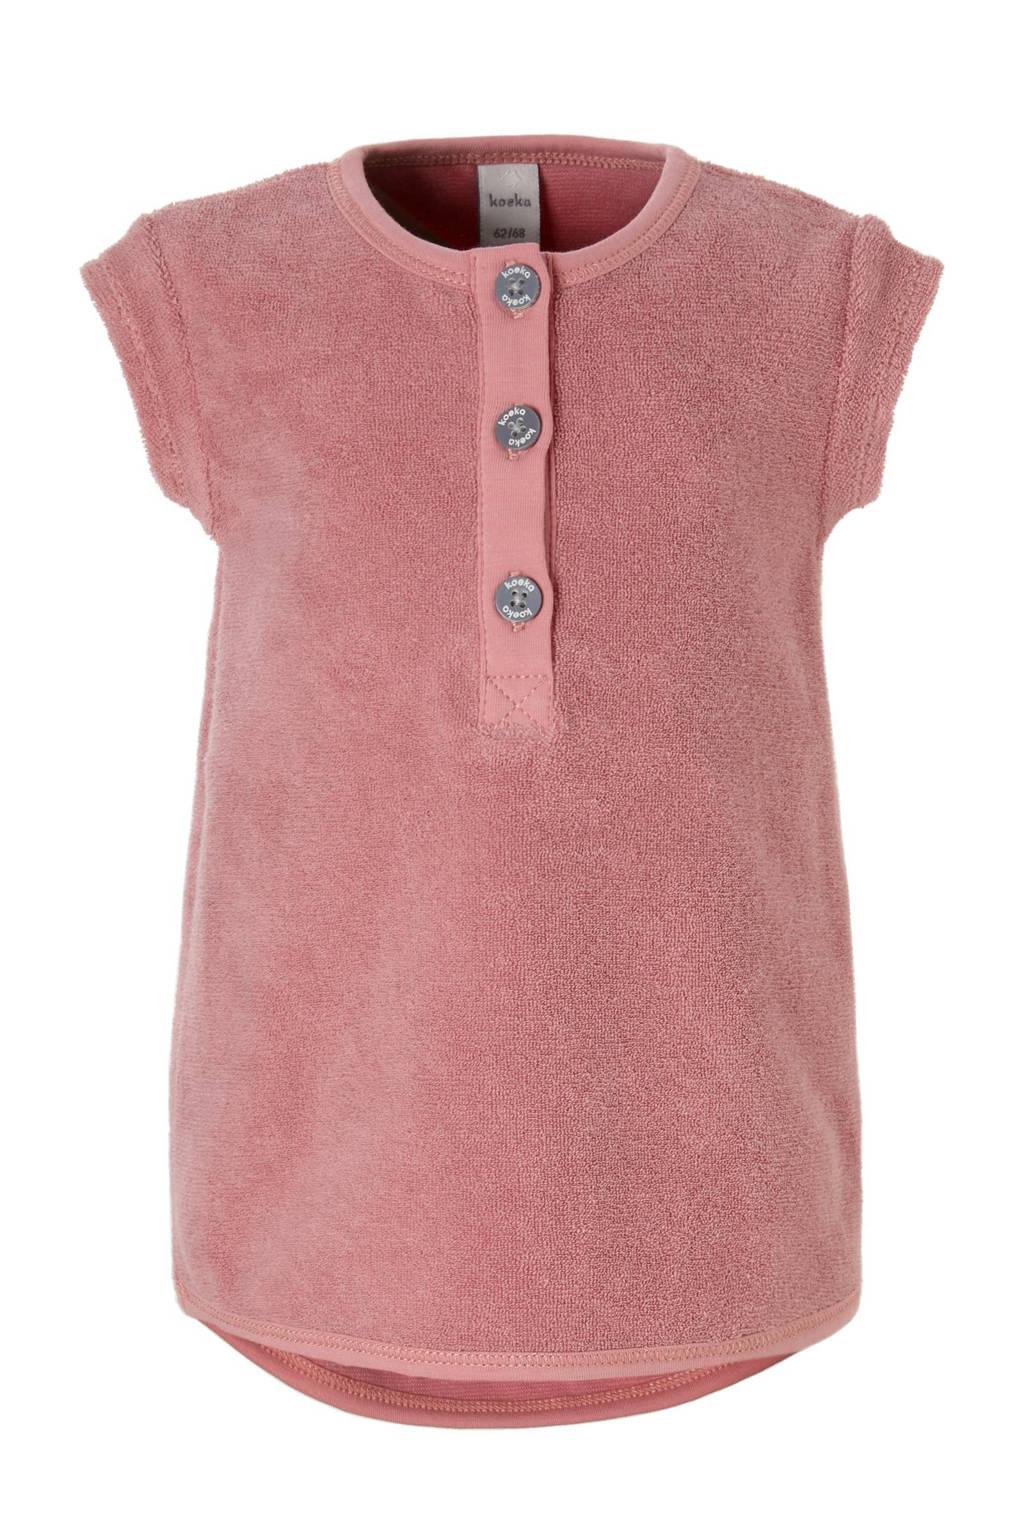 Koeka badstof tuniek, Blush pink